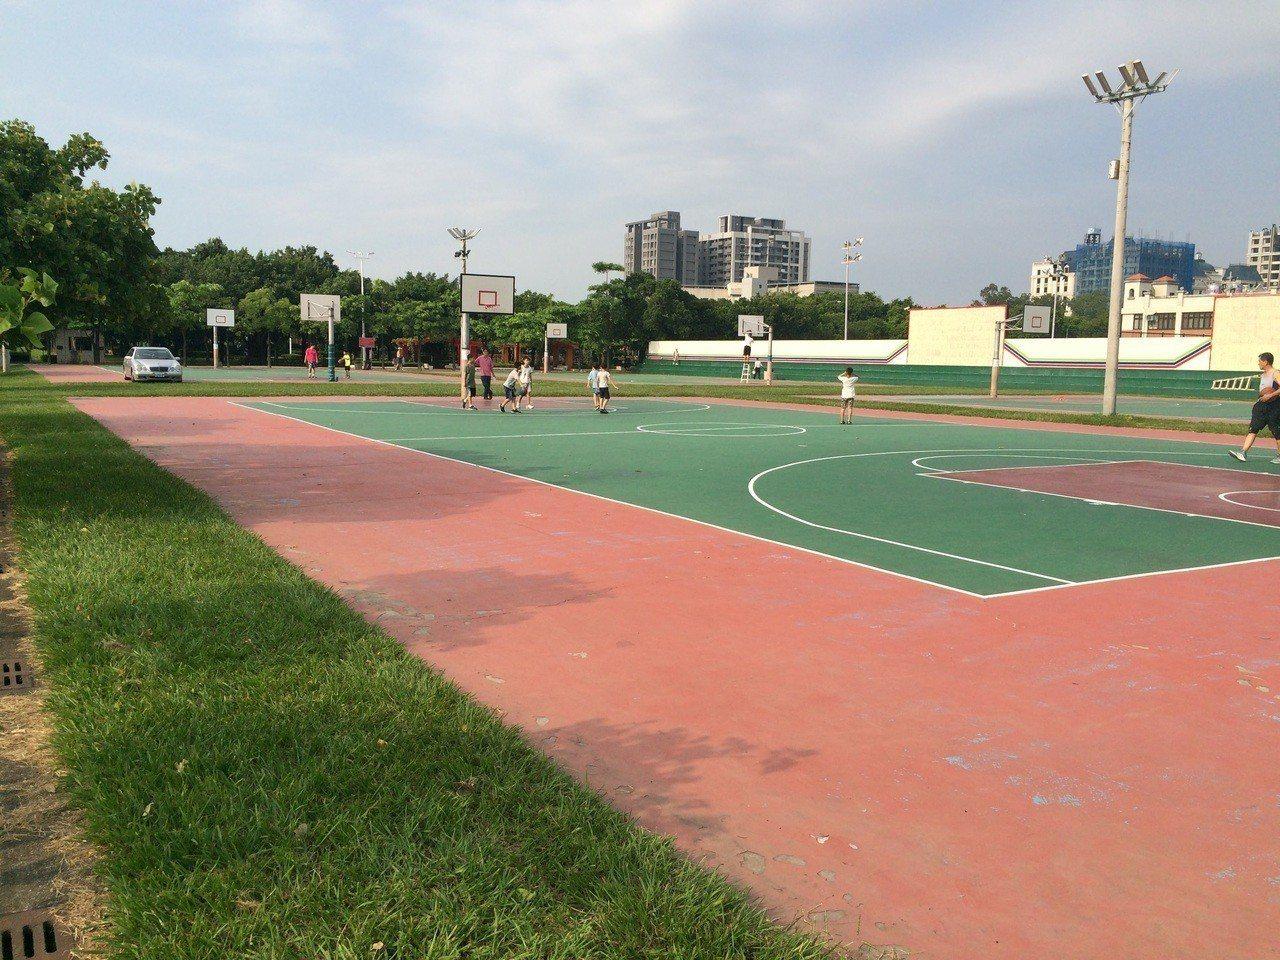 竹南頭份運動公園4座露天籃球場將搭建頂篷改造為風雨球場,提供雨天運動或活動場所。...